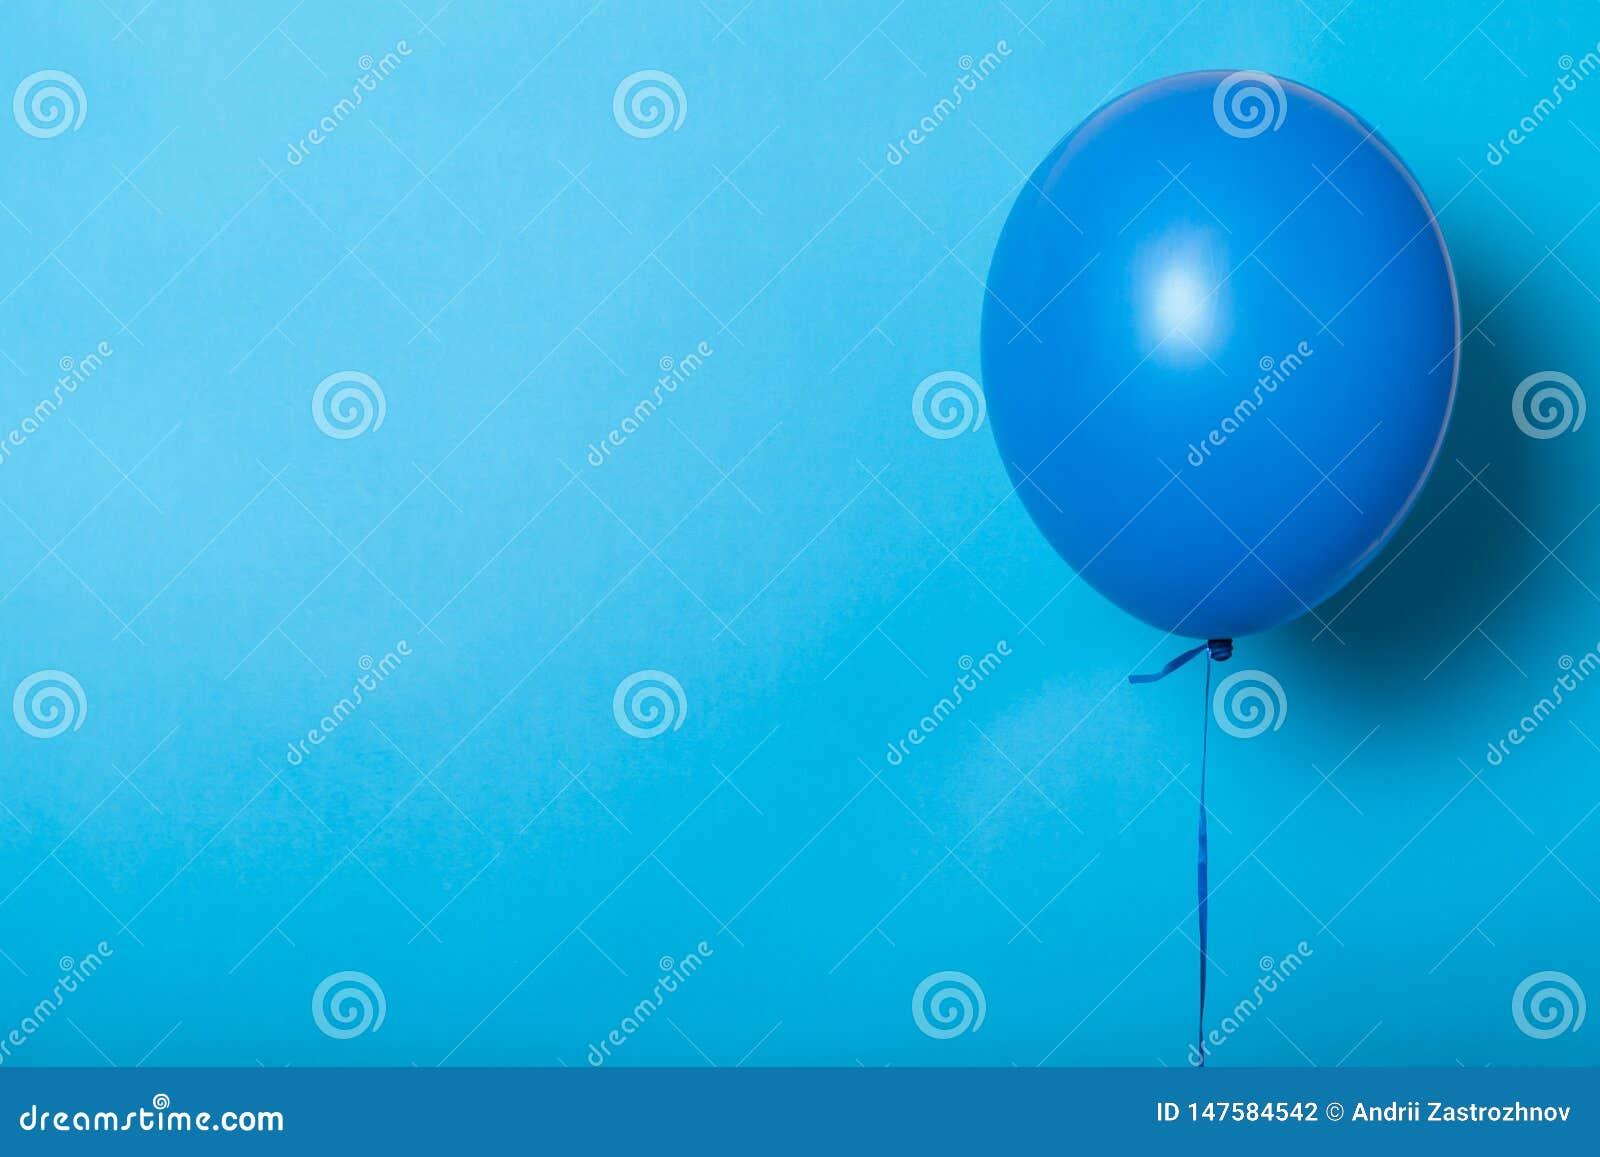 Φωτεινό μπαλόνι αέρα, ήλιο Ελάχιστο εορταστικό υπόβαθρο Κενό διάστημα για το κείμενο, λογότυπο